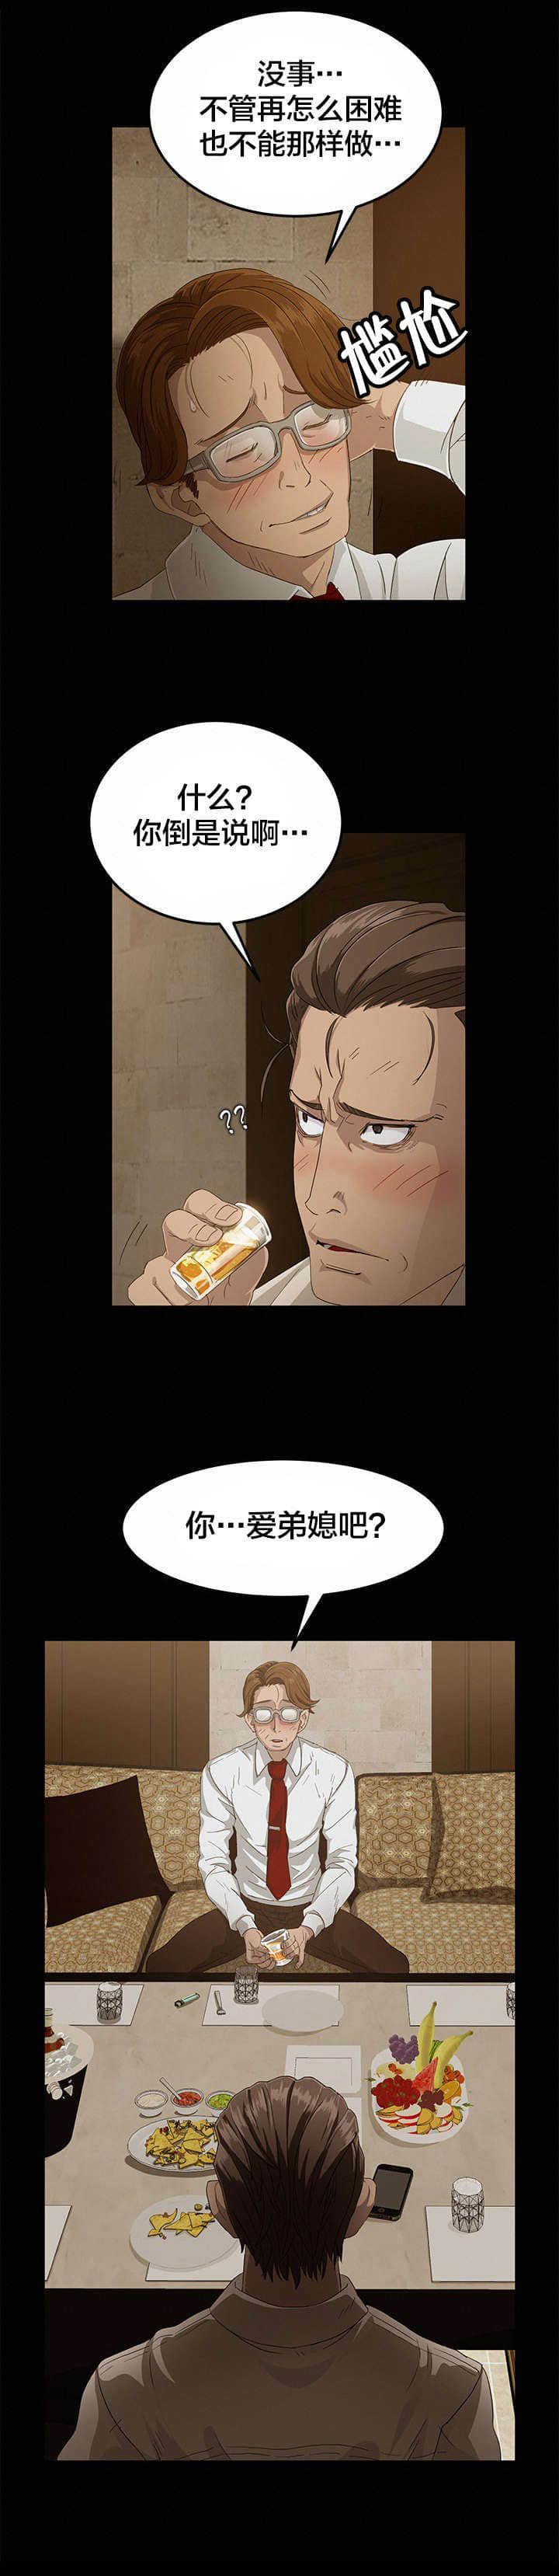 冰上悍将2021实时日本漫画